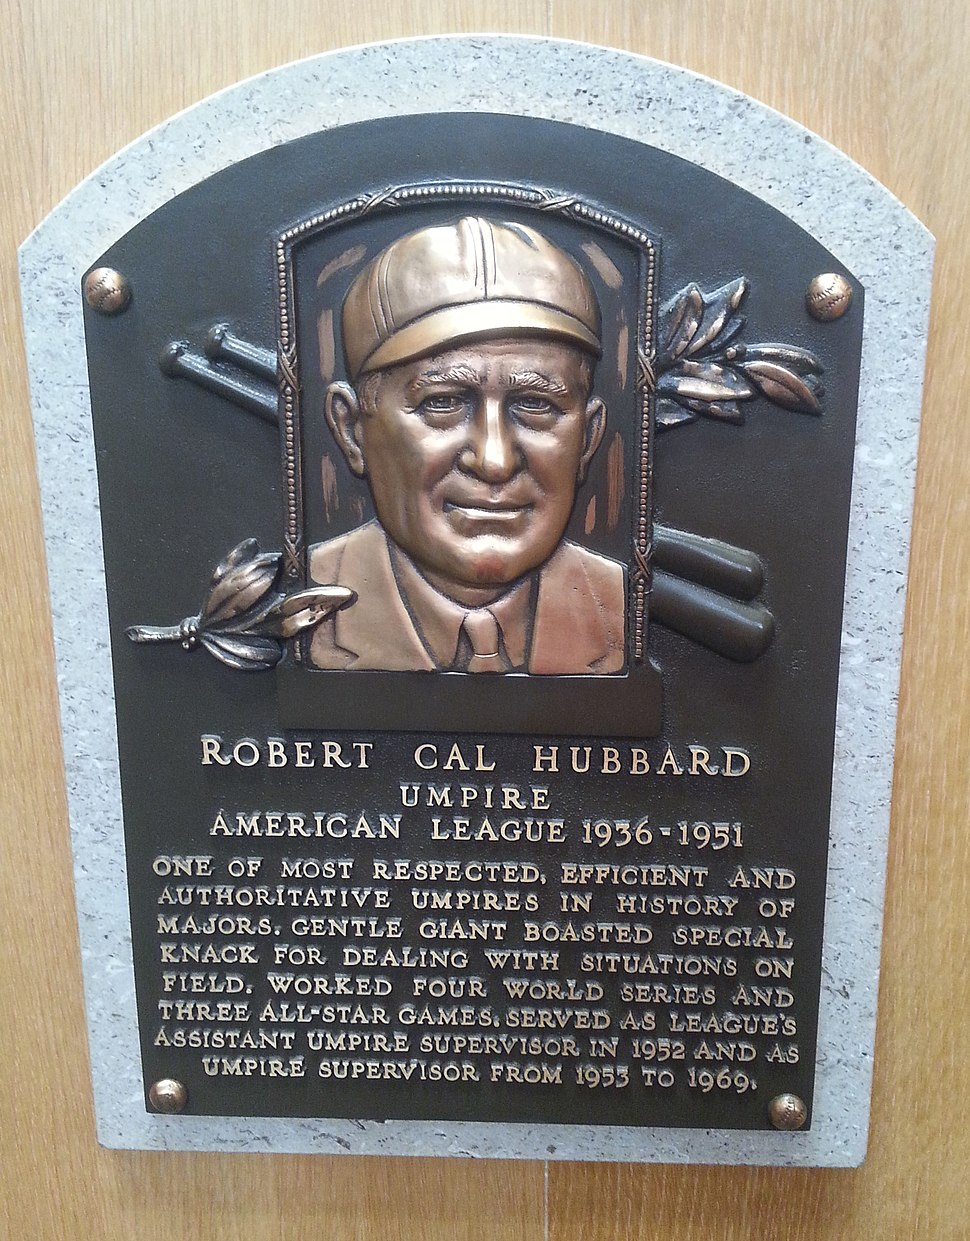 Cal Hubbard plaque